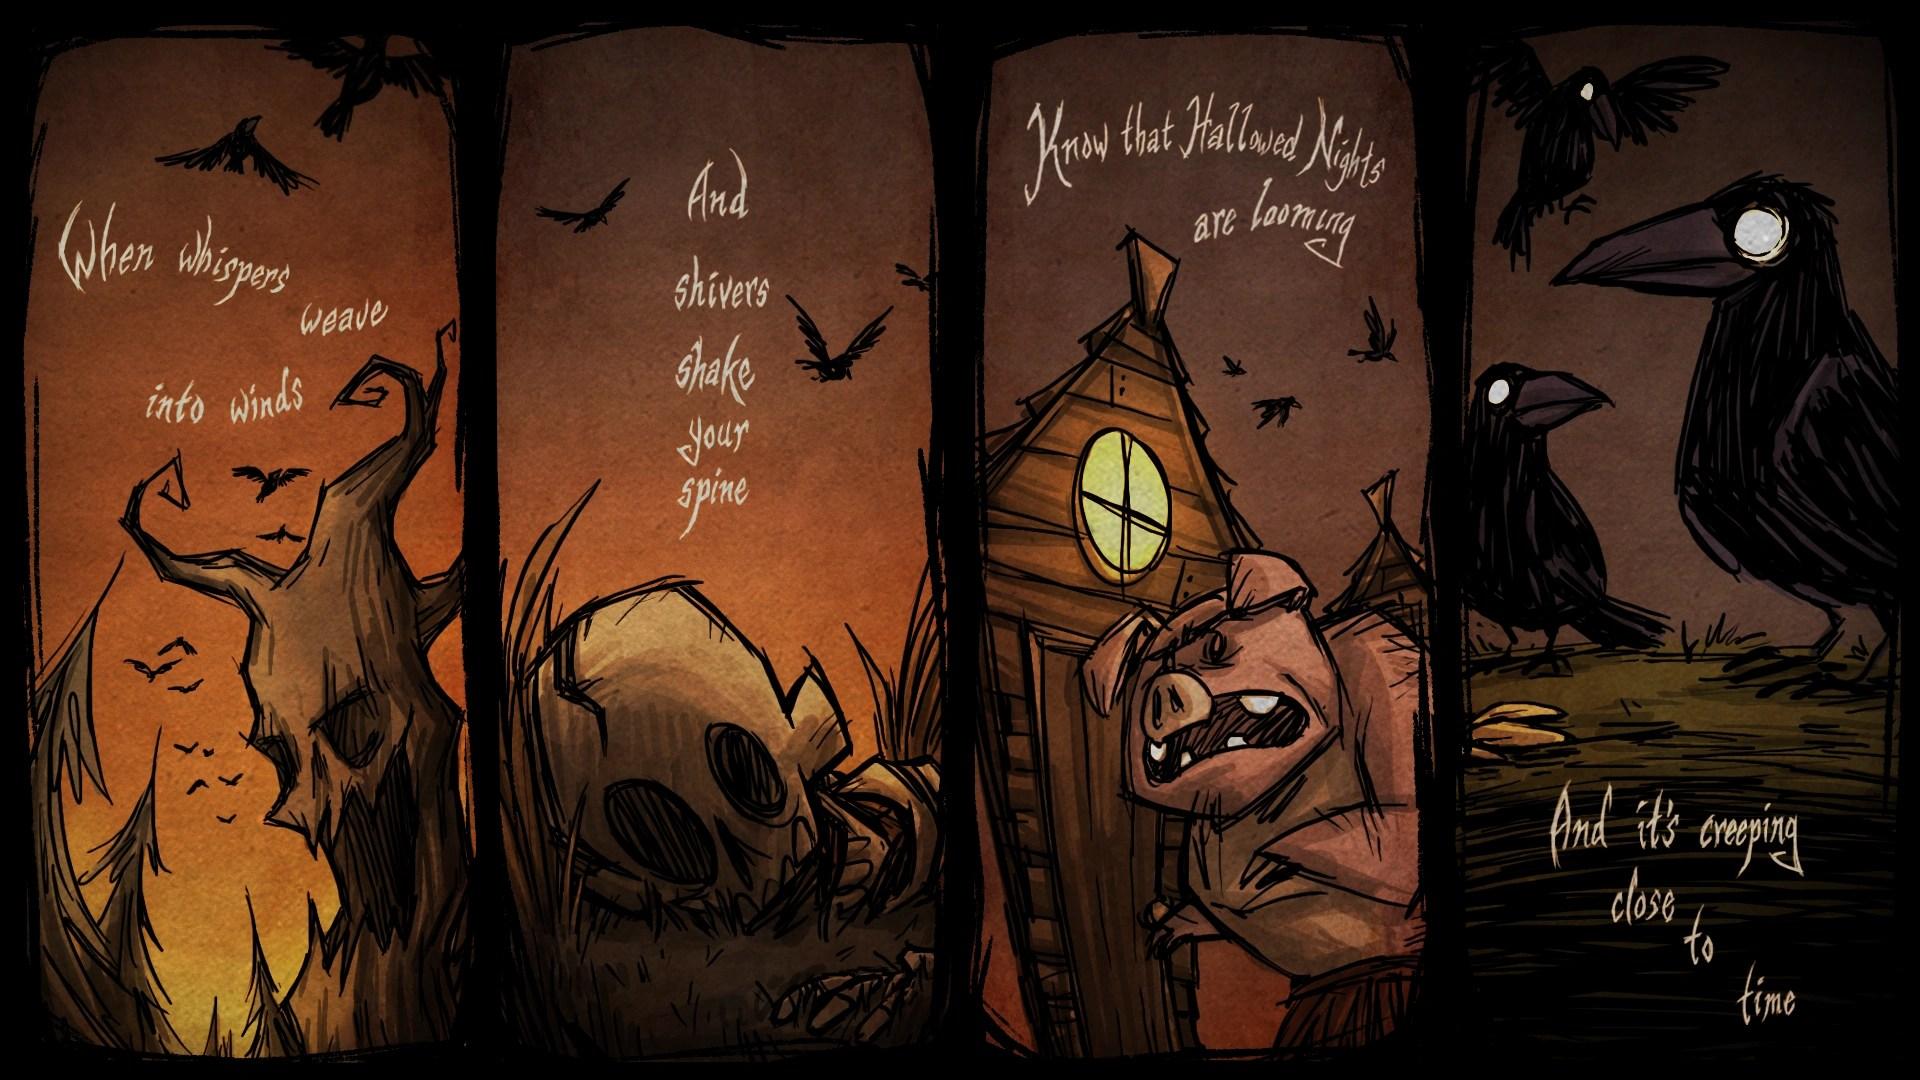 畫像 - Hallowed Nights1.png | Don't Starve 攻略 Wiki | FANDOM powered by Wikia